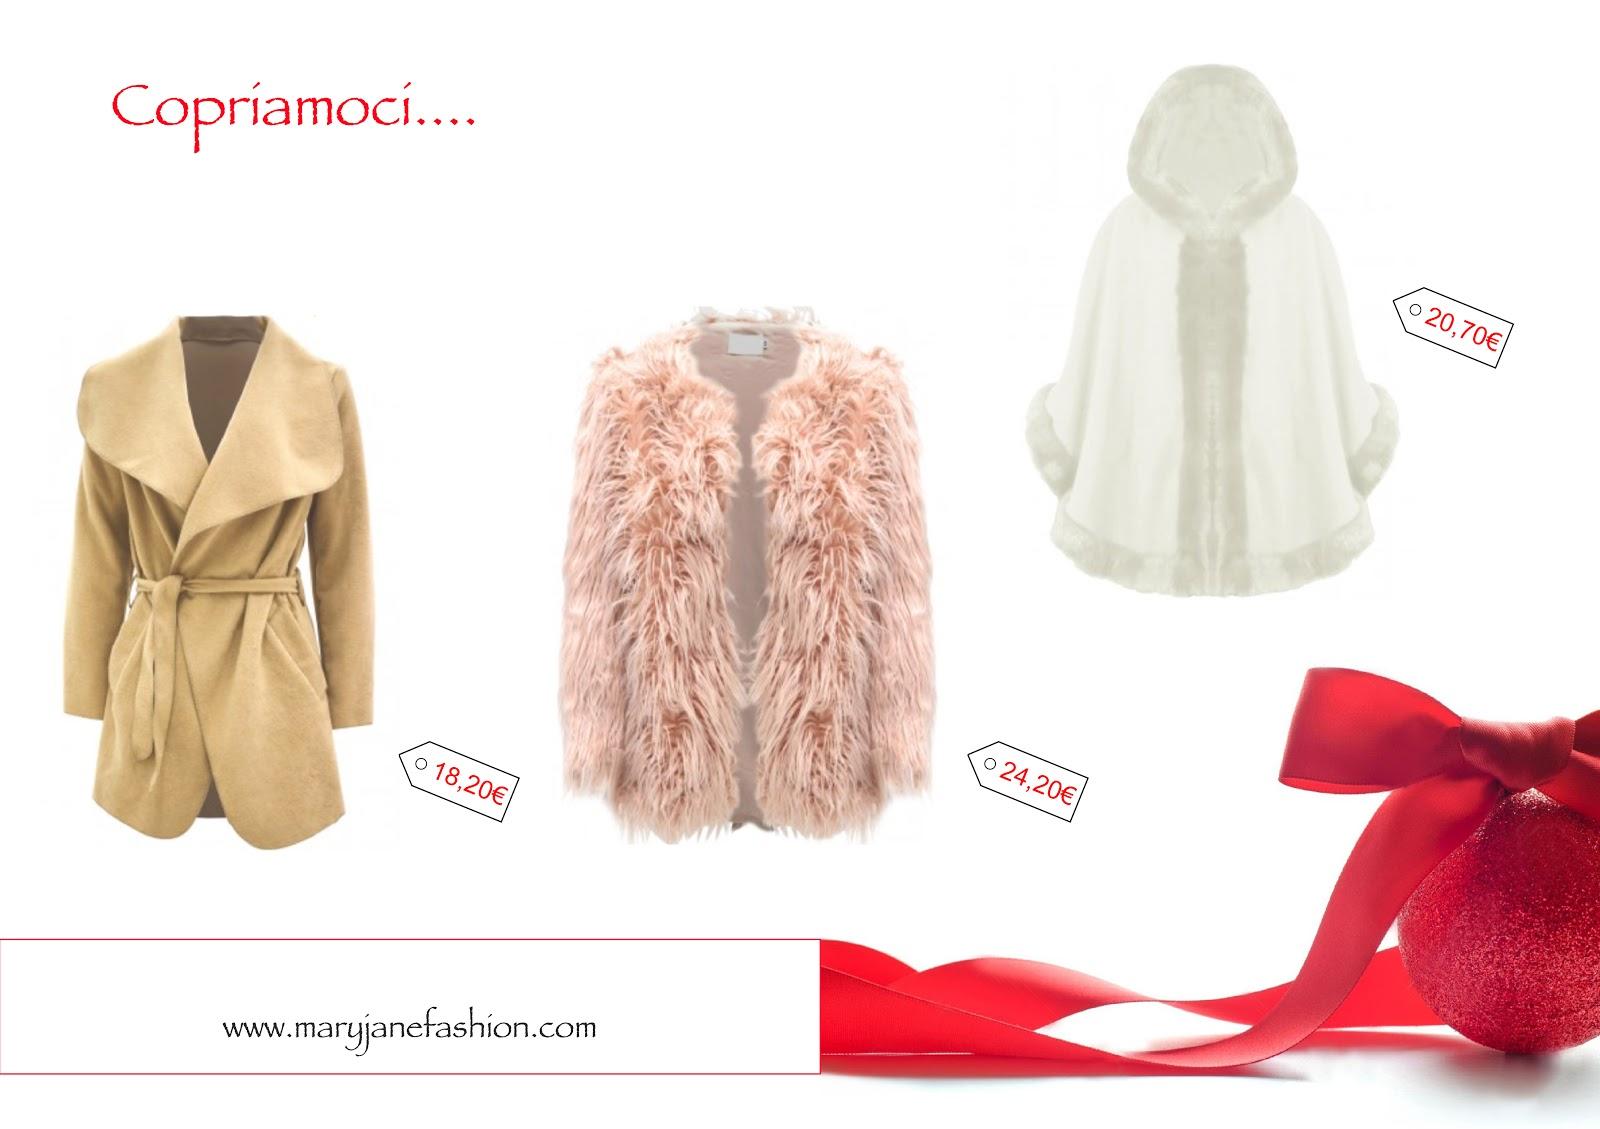 natale christmas 2015 mary jane fashion present regalo regali donna woman vestiti closet coat fur cappotto capodanno red fashion outfit style glamour